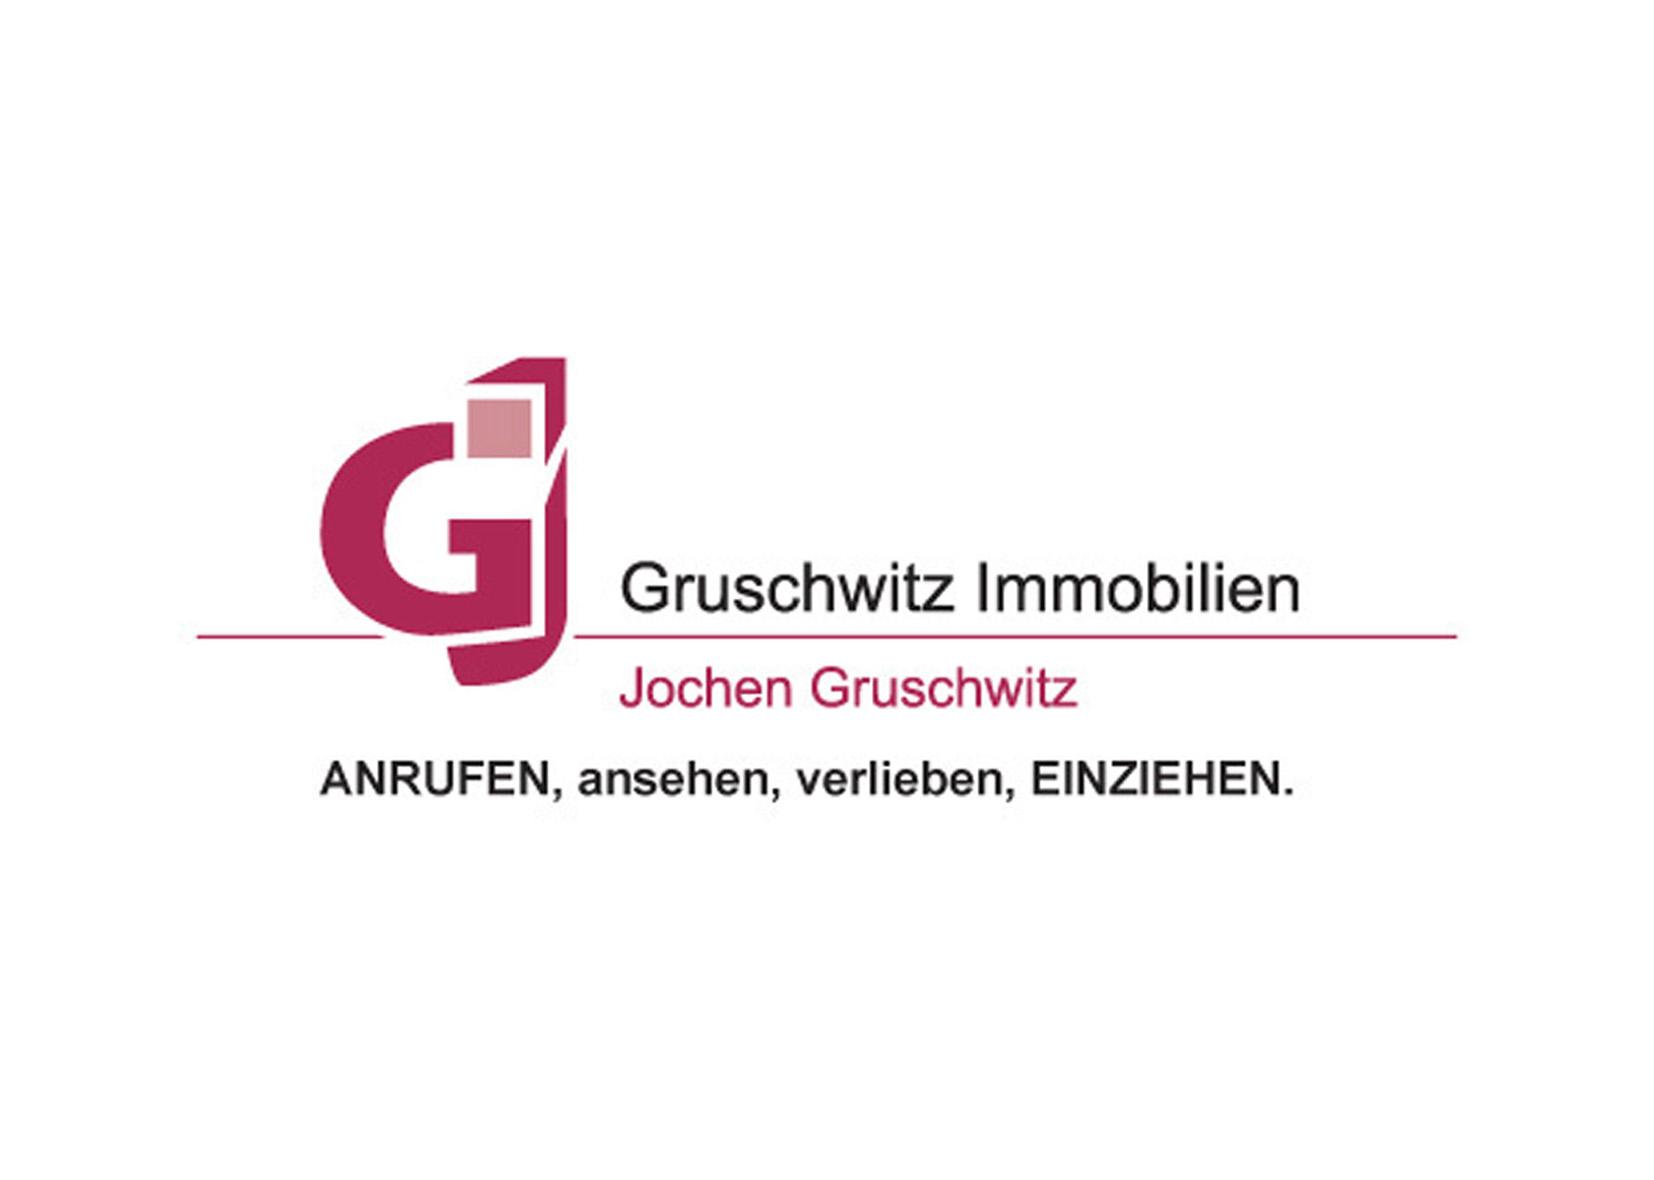 Hier sehen Sie das Logo von Gruschwitz-Immobilien